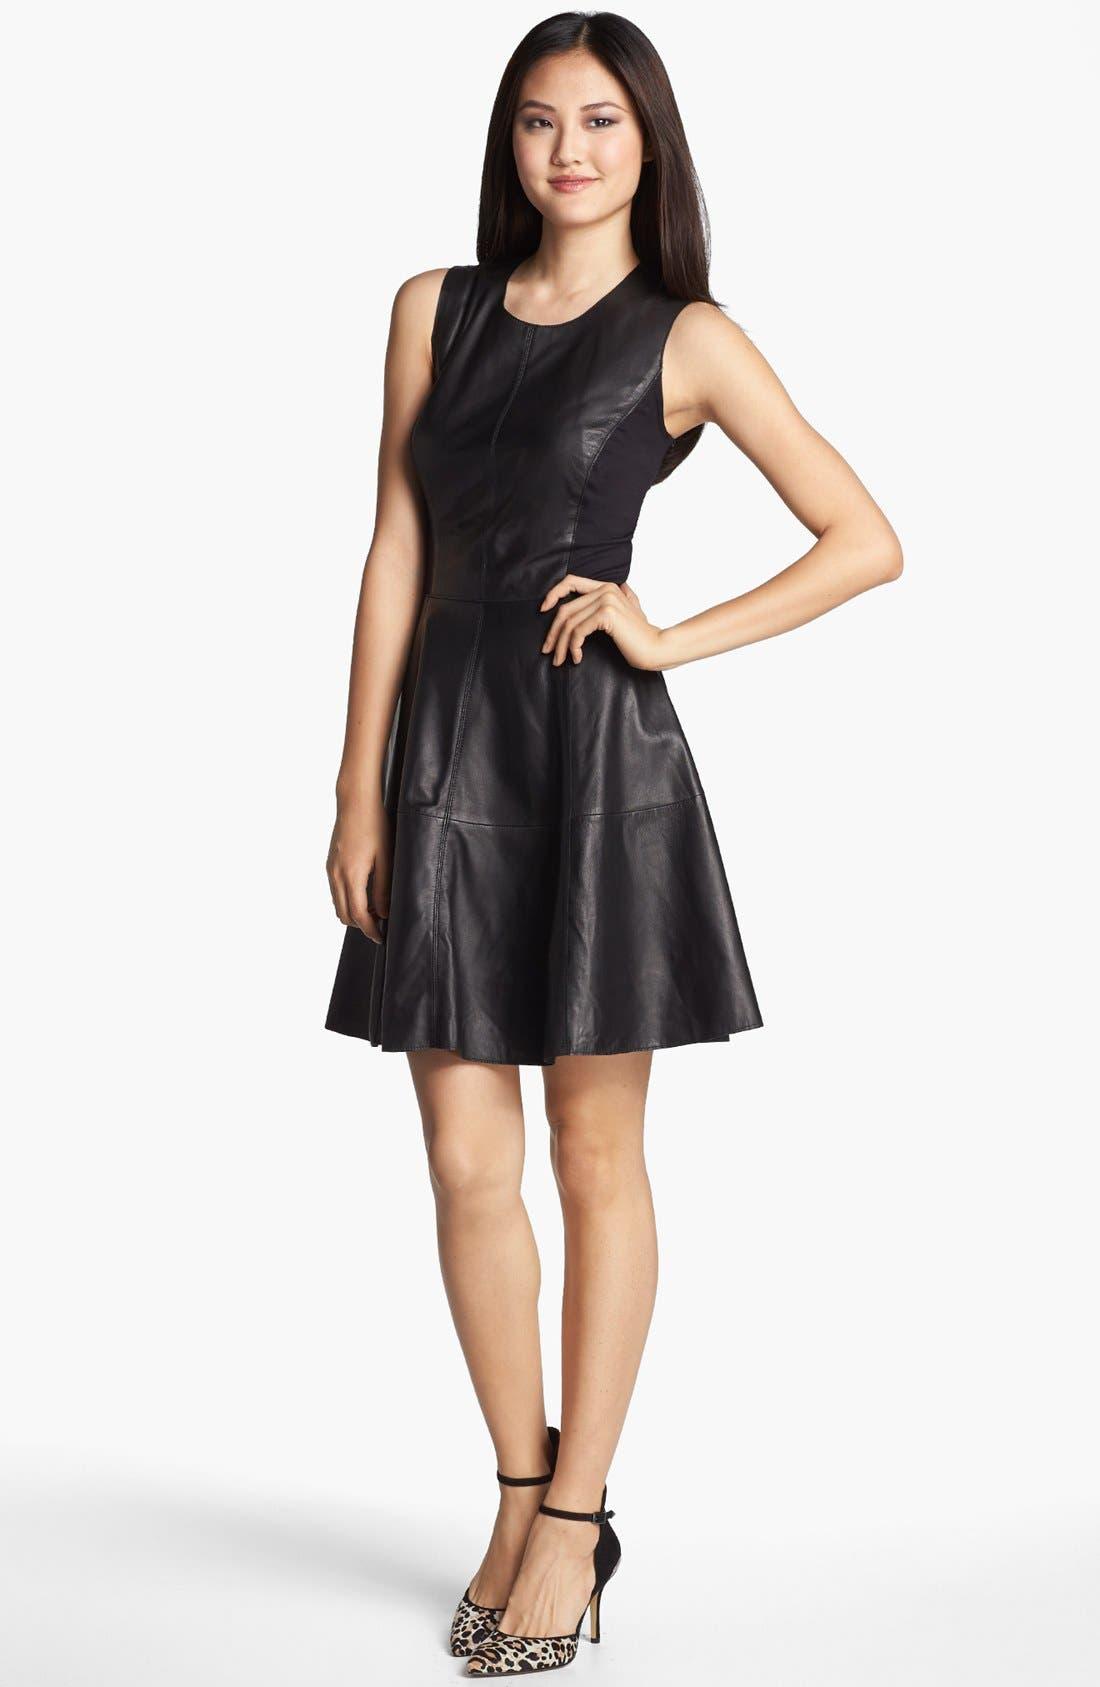 Alternate Image 1 Selected - Halogen® Back Zip Leather & Ponte Dress